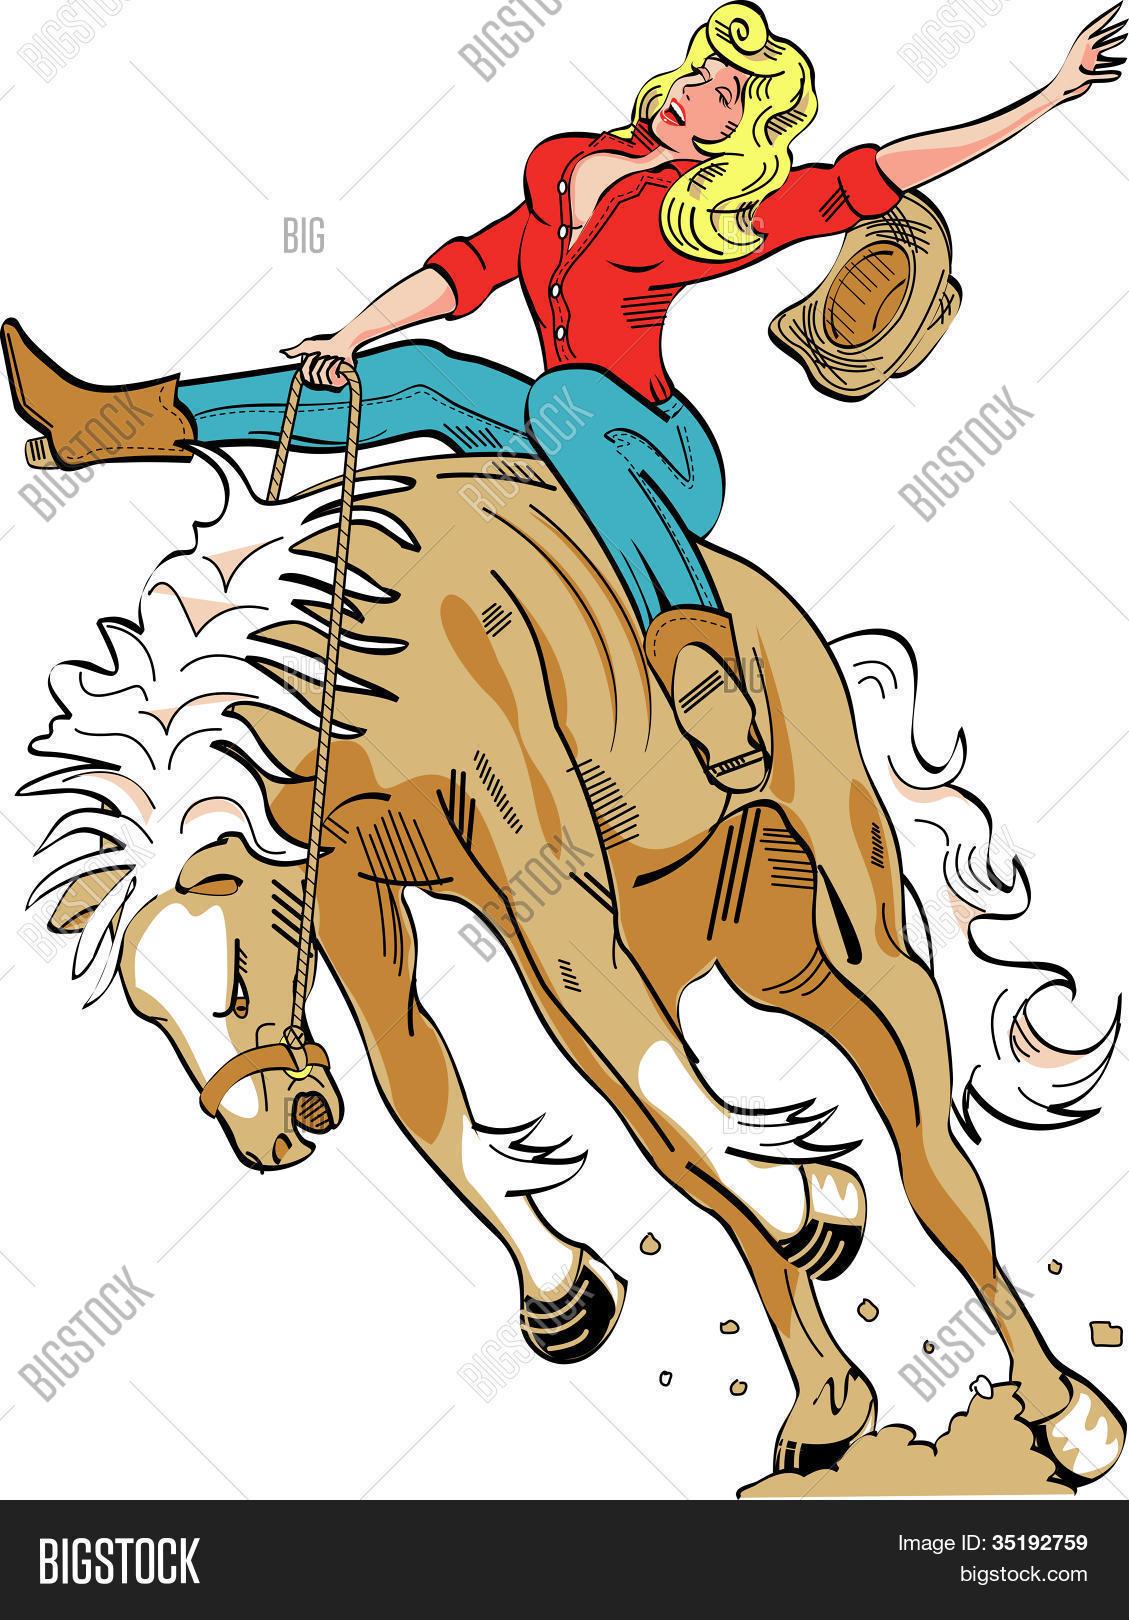 Horse Bucking Bronco Cowgirl Clip Art Stock Vector & Stock Photos.